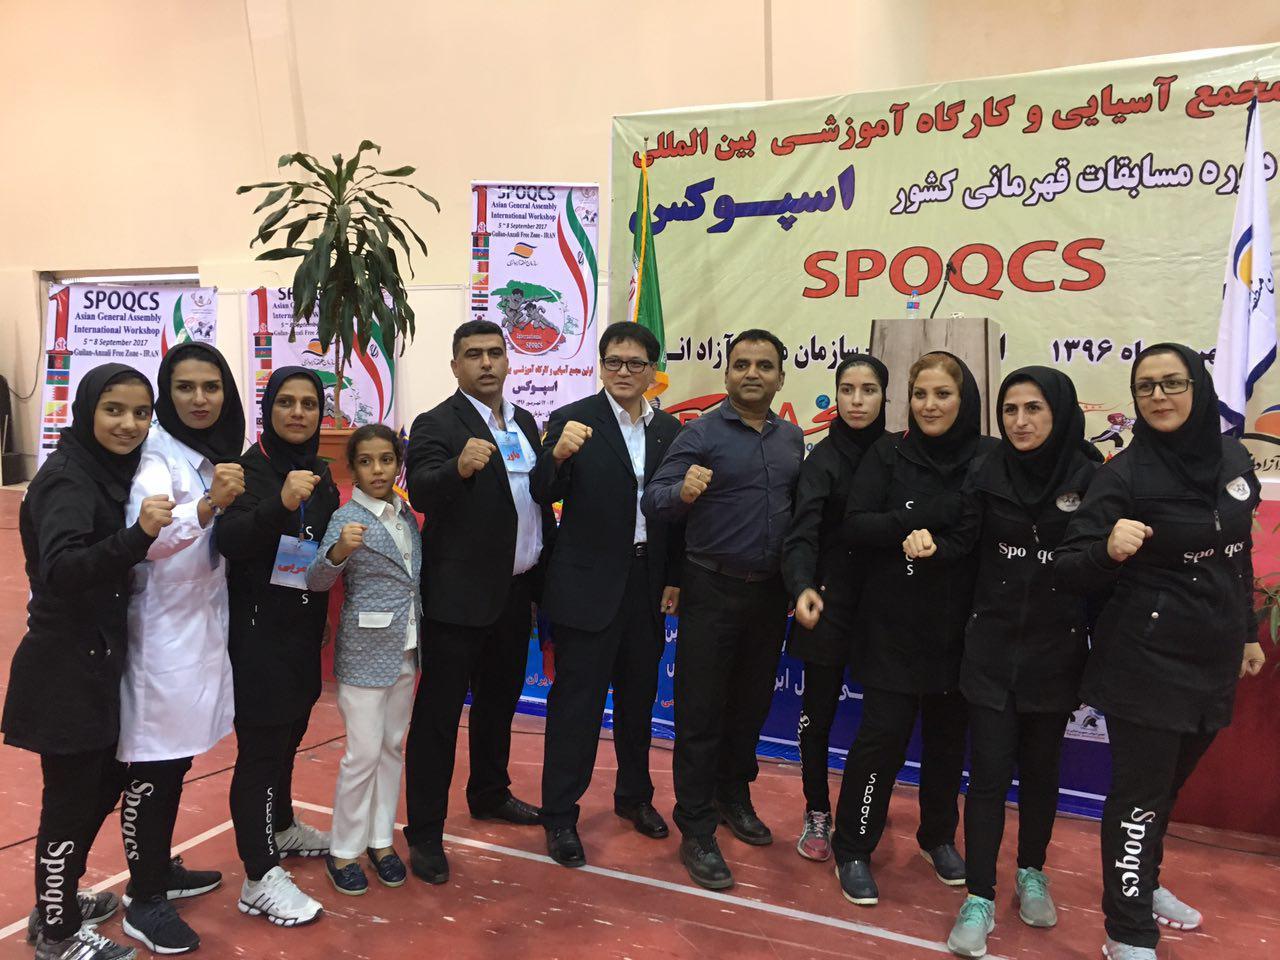 نائب قهرماني مازندران در مسابقات اسپوكس كشور